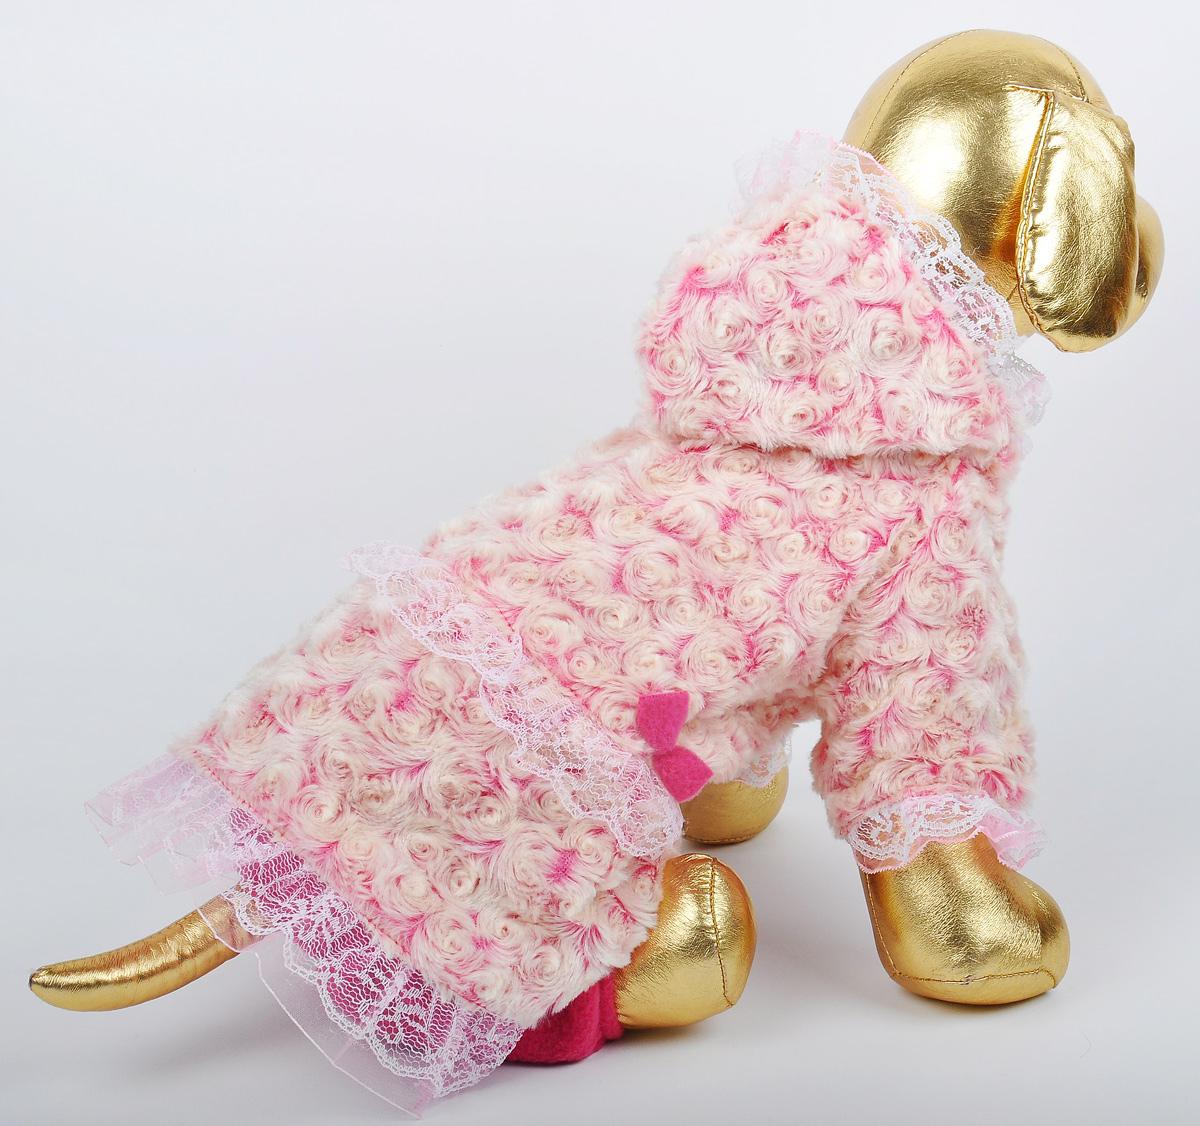 Шубка для собак GLG, цвет: розовый. Размер SMOS-025-SШубка для собак GLG выполнена из полиэстера и синтепона. Длинные рукава не ограничивают свободу движений, и собачка будет чувствовать себя в нем комфортно. Изделие застегивается с помощью кнопок..Модная и невероятно удобная шубка защитит вашего питомца от прохладной погоды .Длина спины: 23-25 см Обхват груди: 31-33 см.